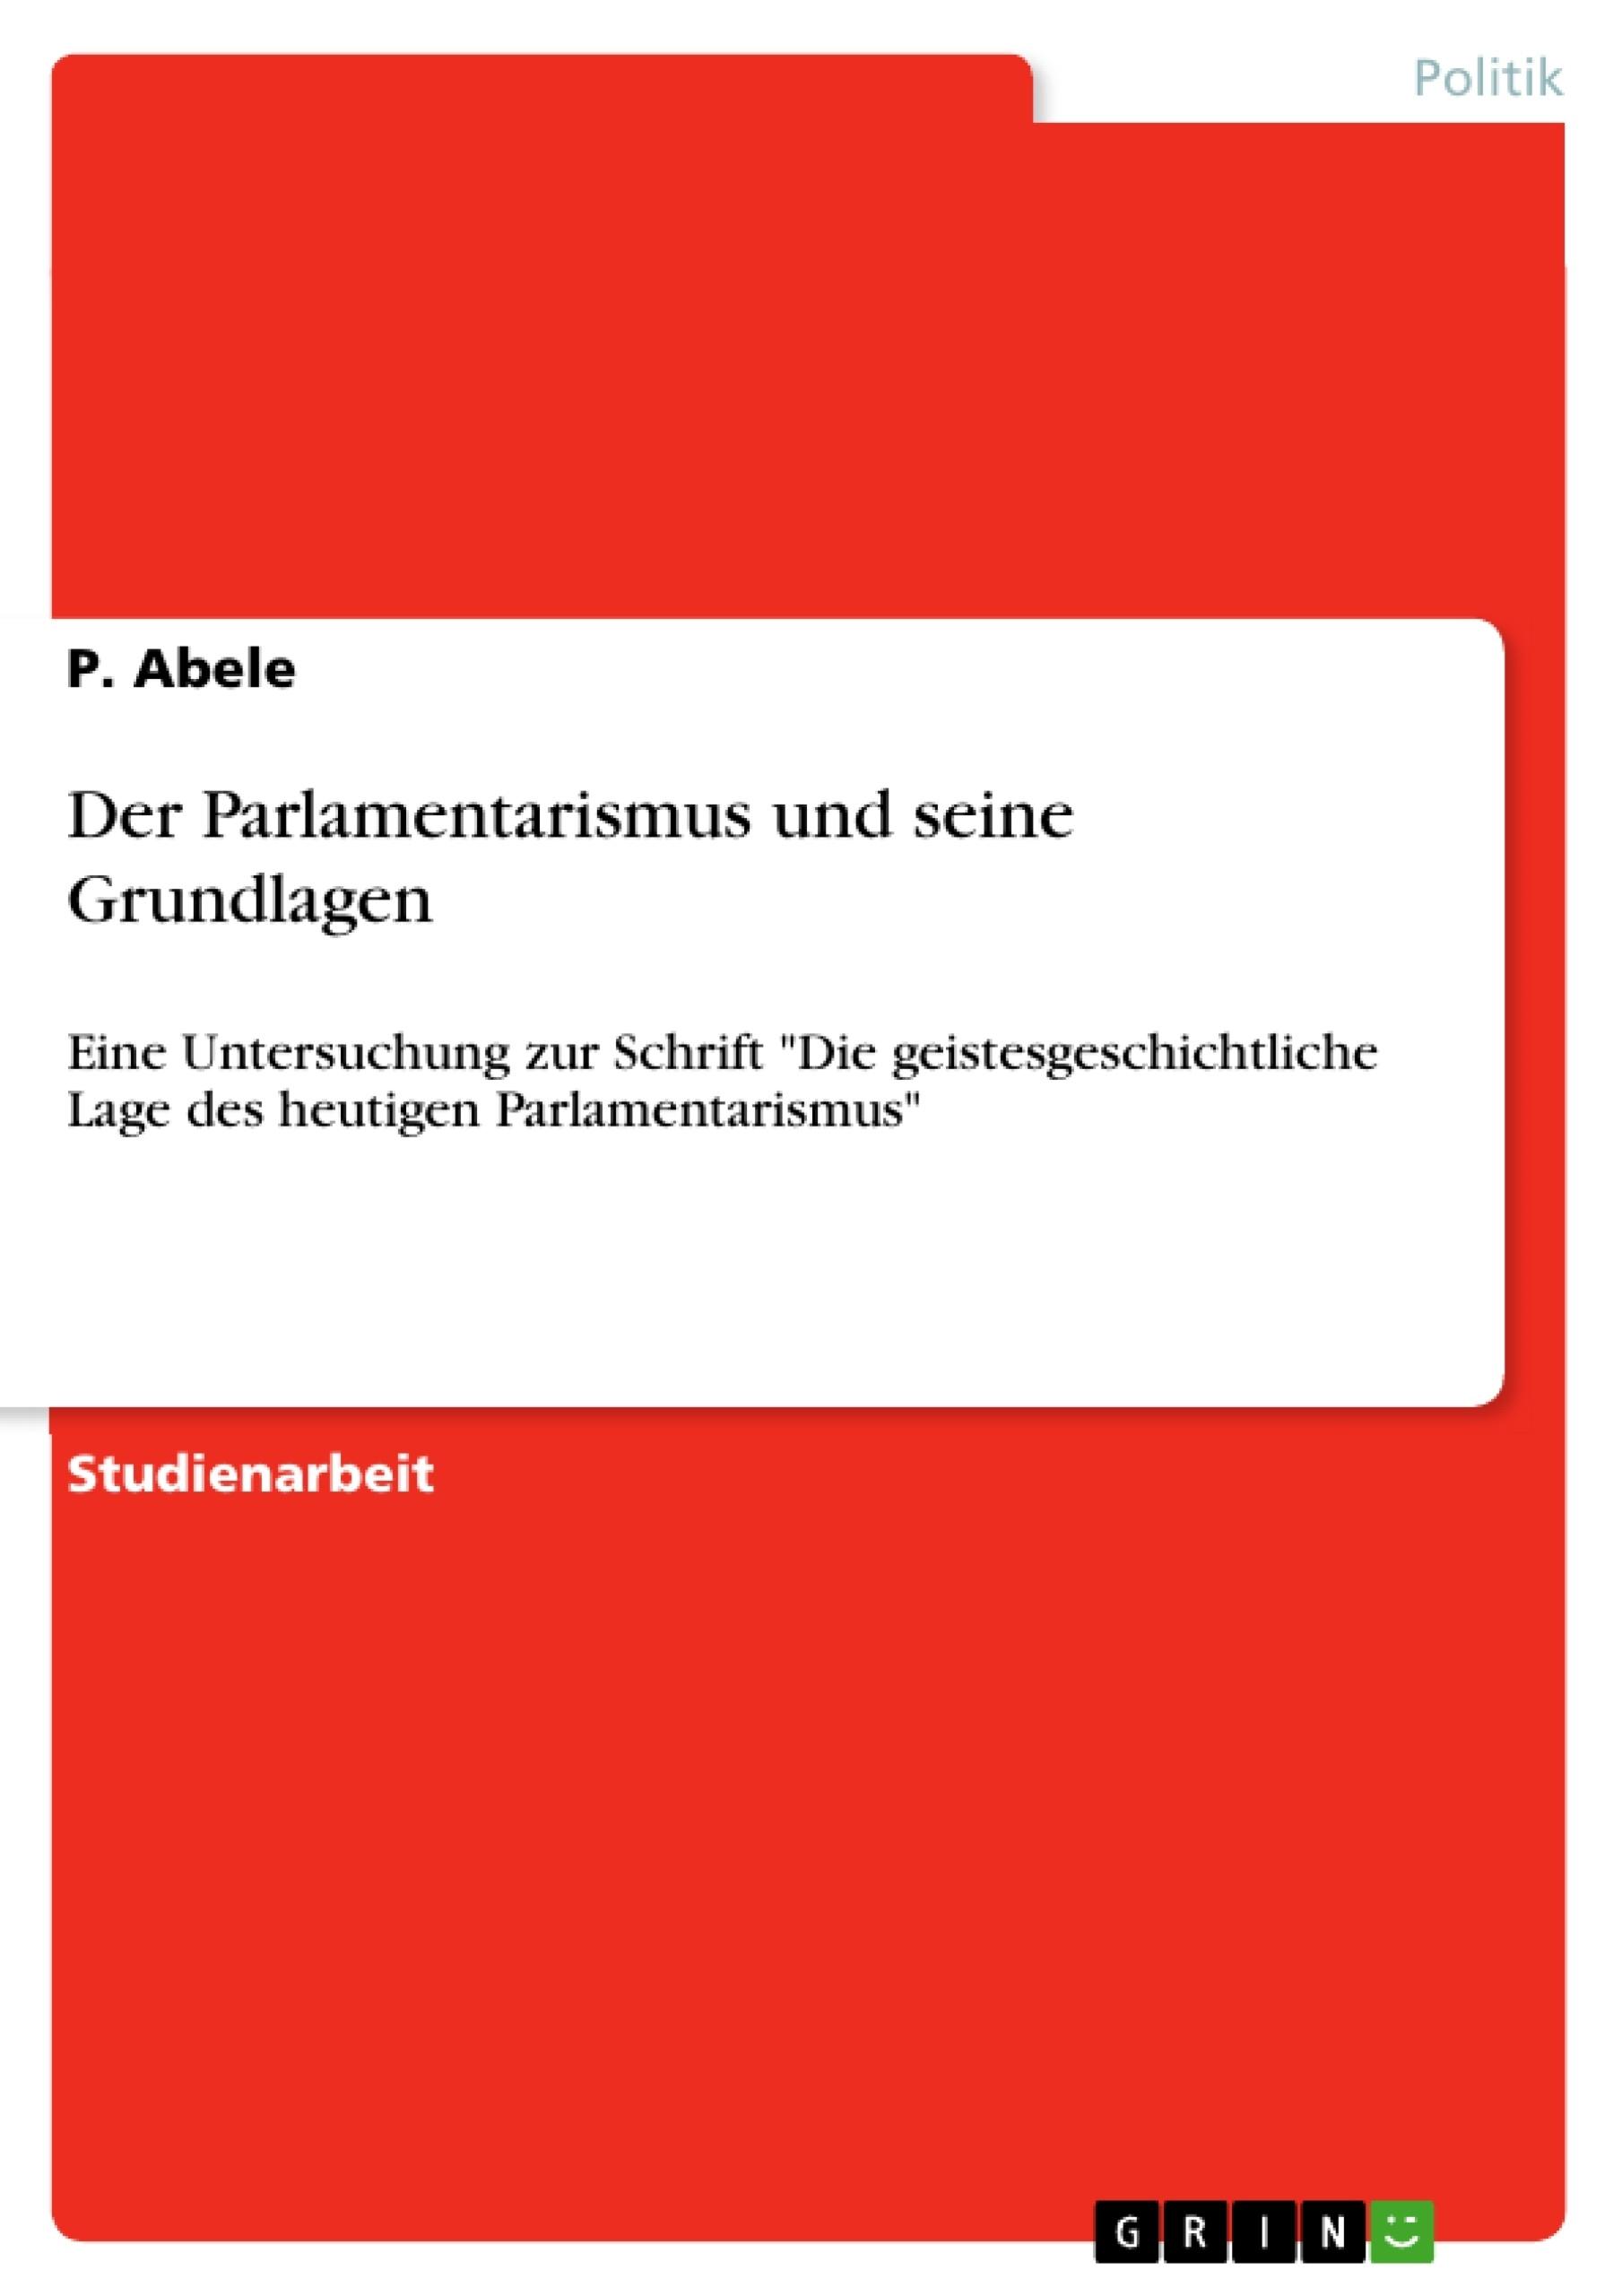 Titel: Der Parlamentarismus und seine Grundlagen